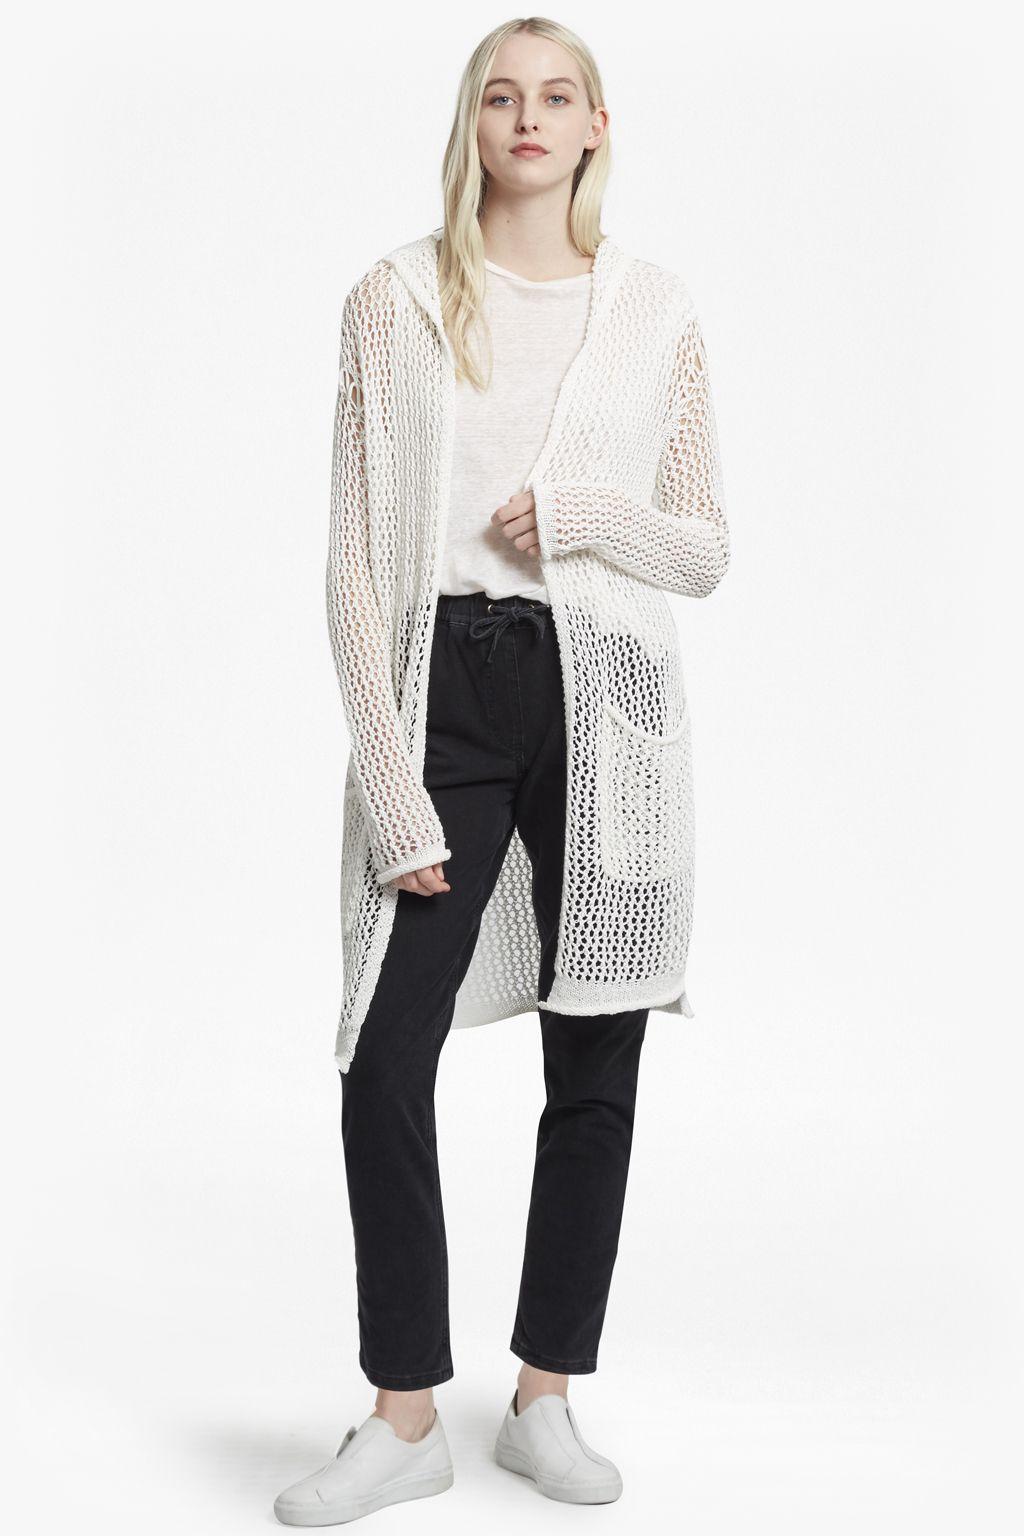 87513350efc  ul   li  Open-weave cotton-blend longline cardigan with hood  li   li   Long sleeves with roll-up cuffs  li   li  Lower-front patch pockets  li    li  Open ...